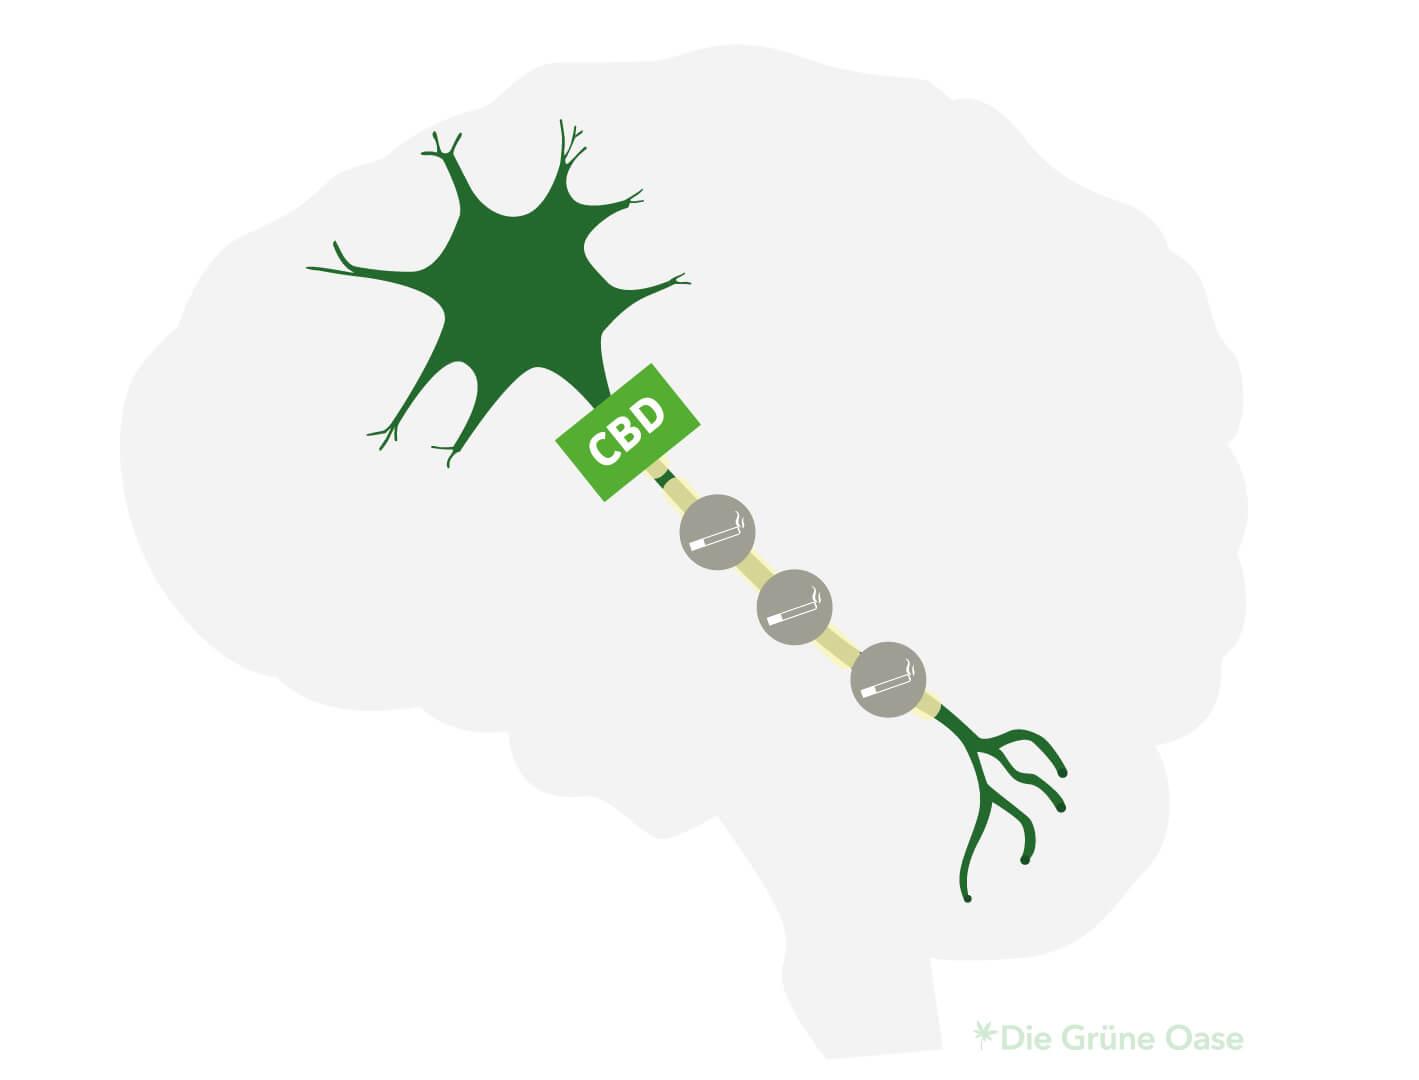 Le CBD bloque des substances envoyées dans la cellule nerveuse